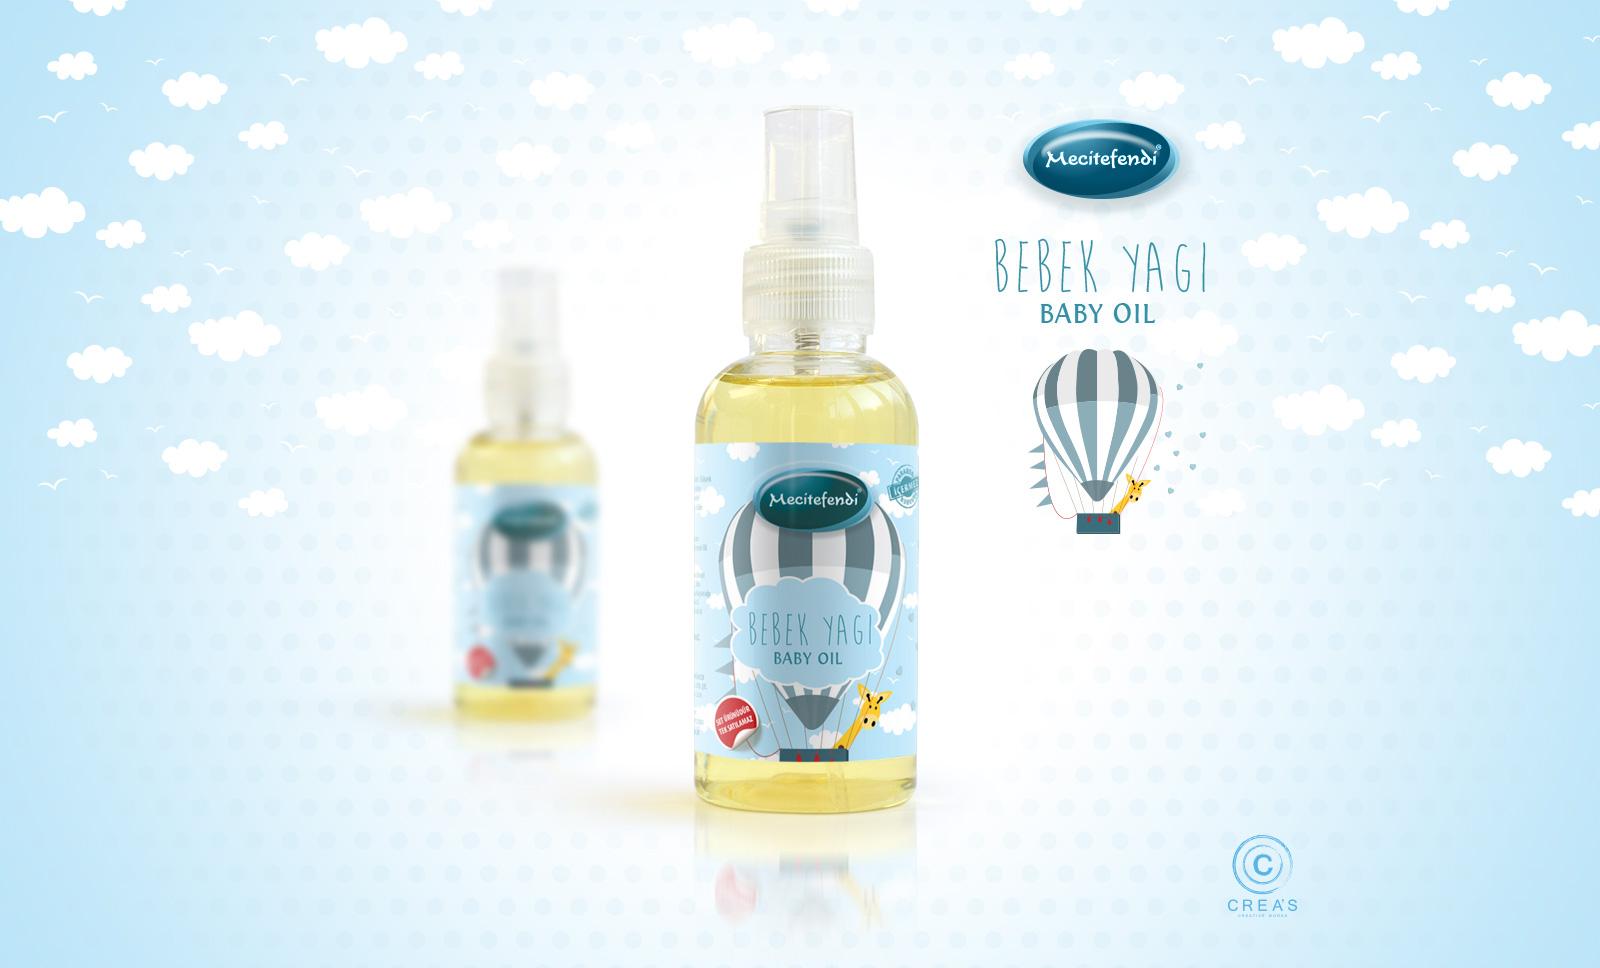 Creas Creative Tasarım ve Reklam Ajansı İzmir - Bebek Yağı Etiket Tasarımı